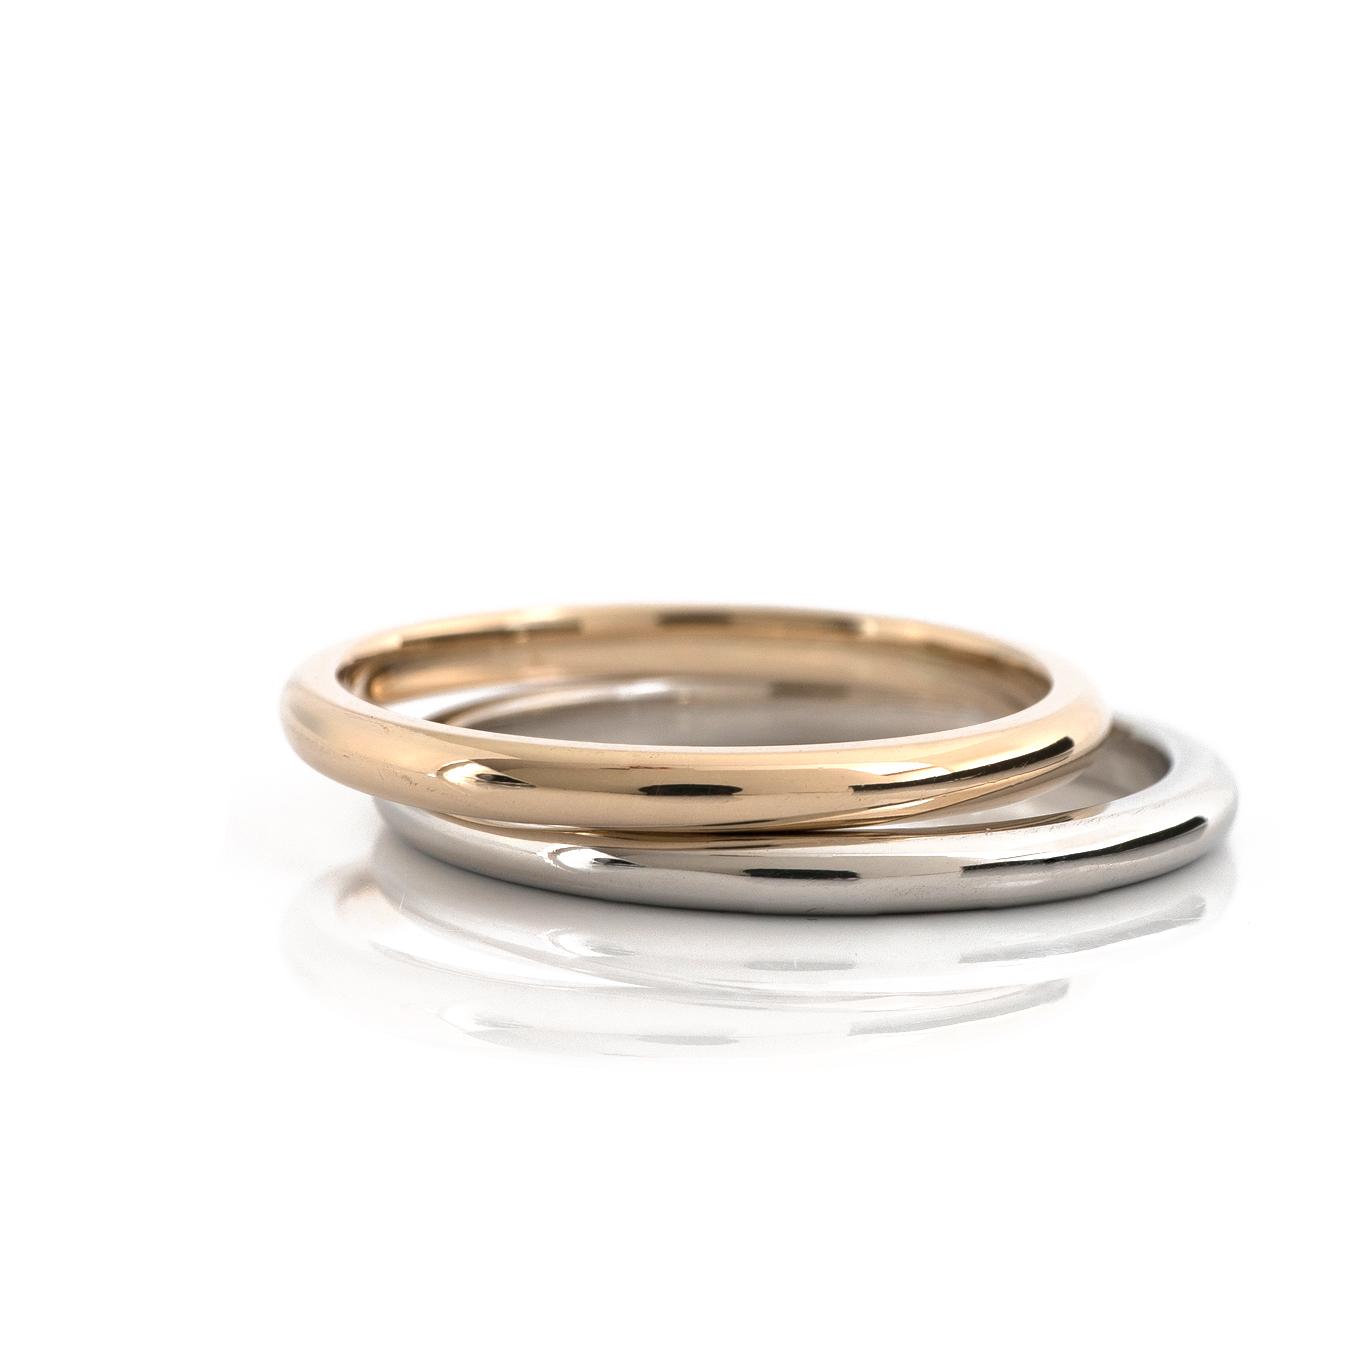 オーダーメイドマリッジリング 白バック 屋久島でつくる結婚指輪 ゴールド、プラチナ